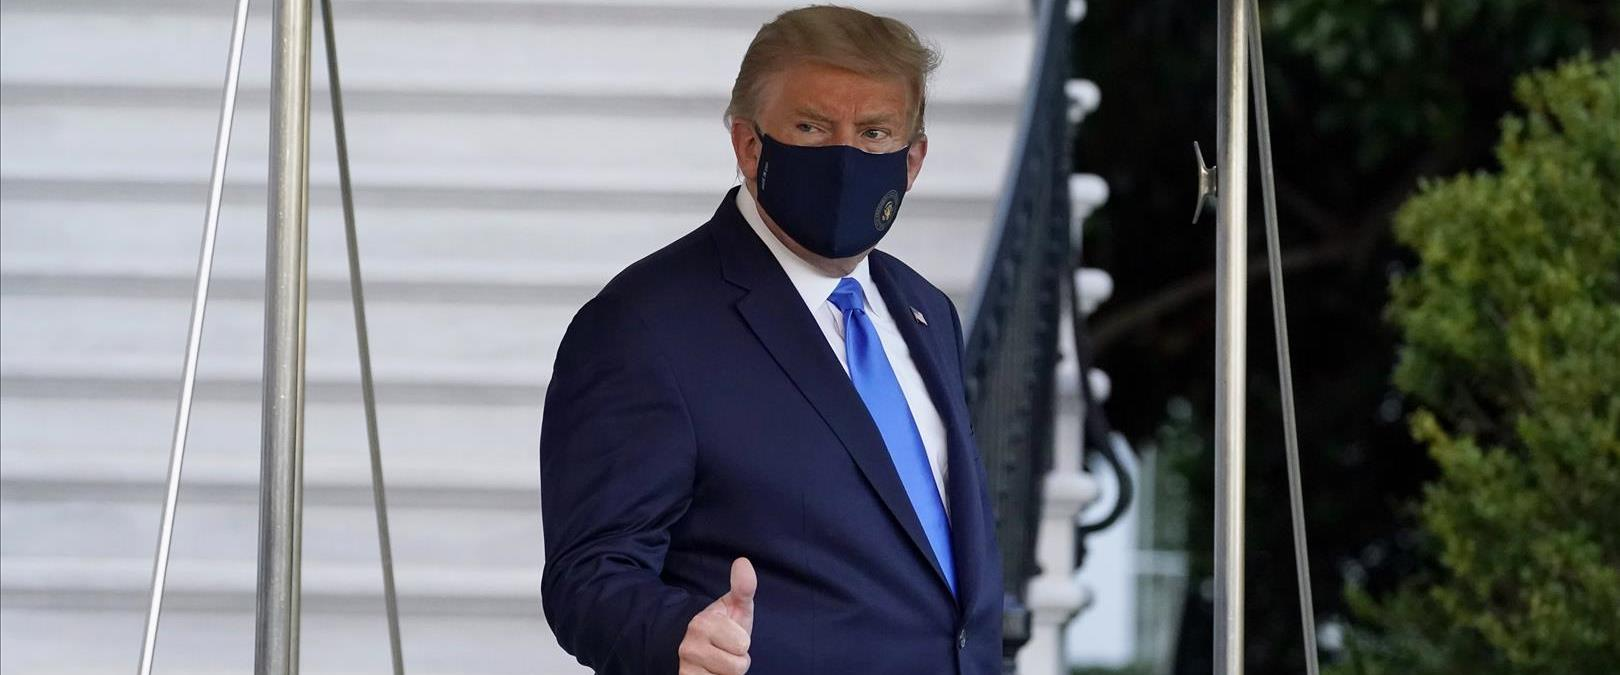 טראמפ בדרכו לבית החולים